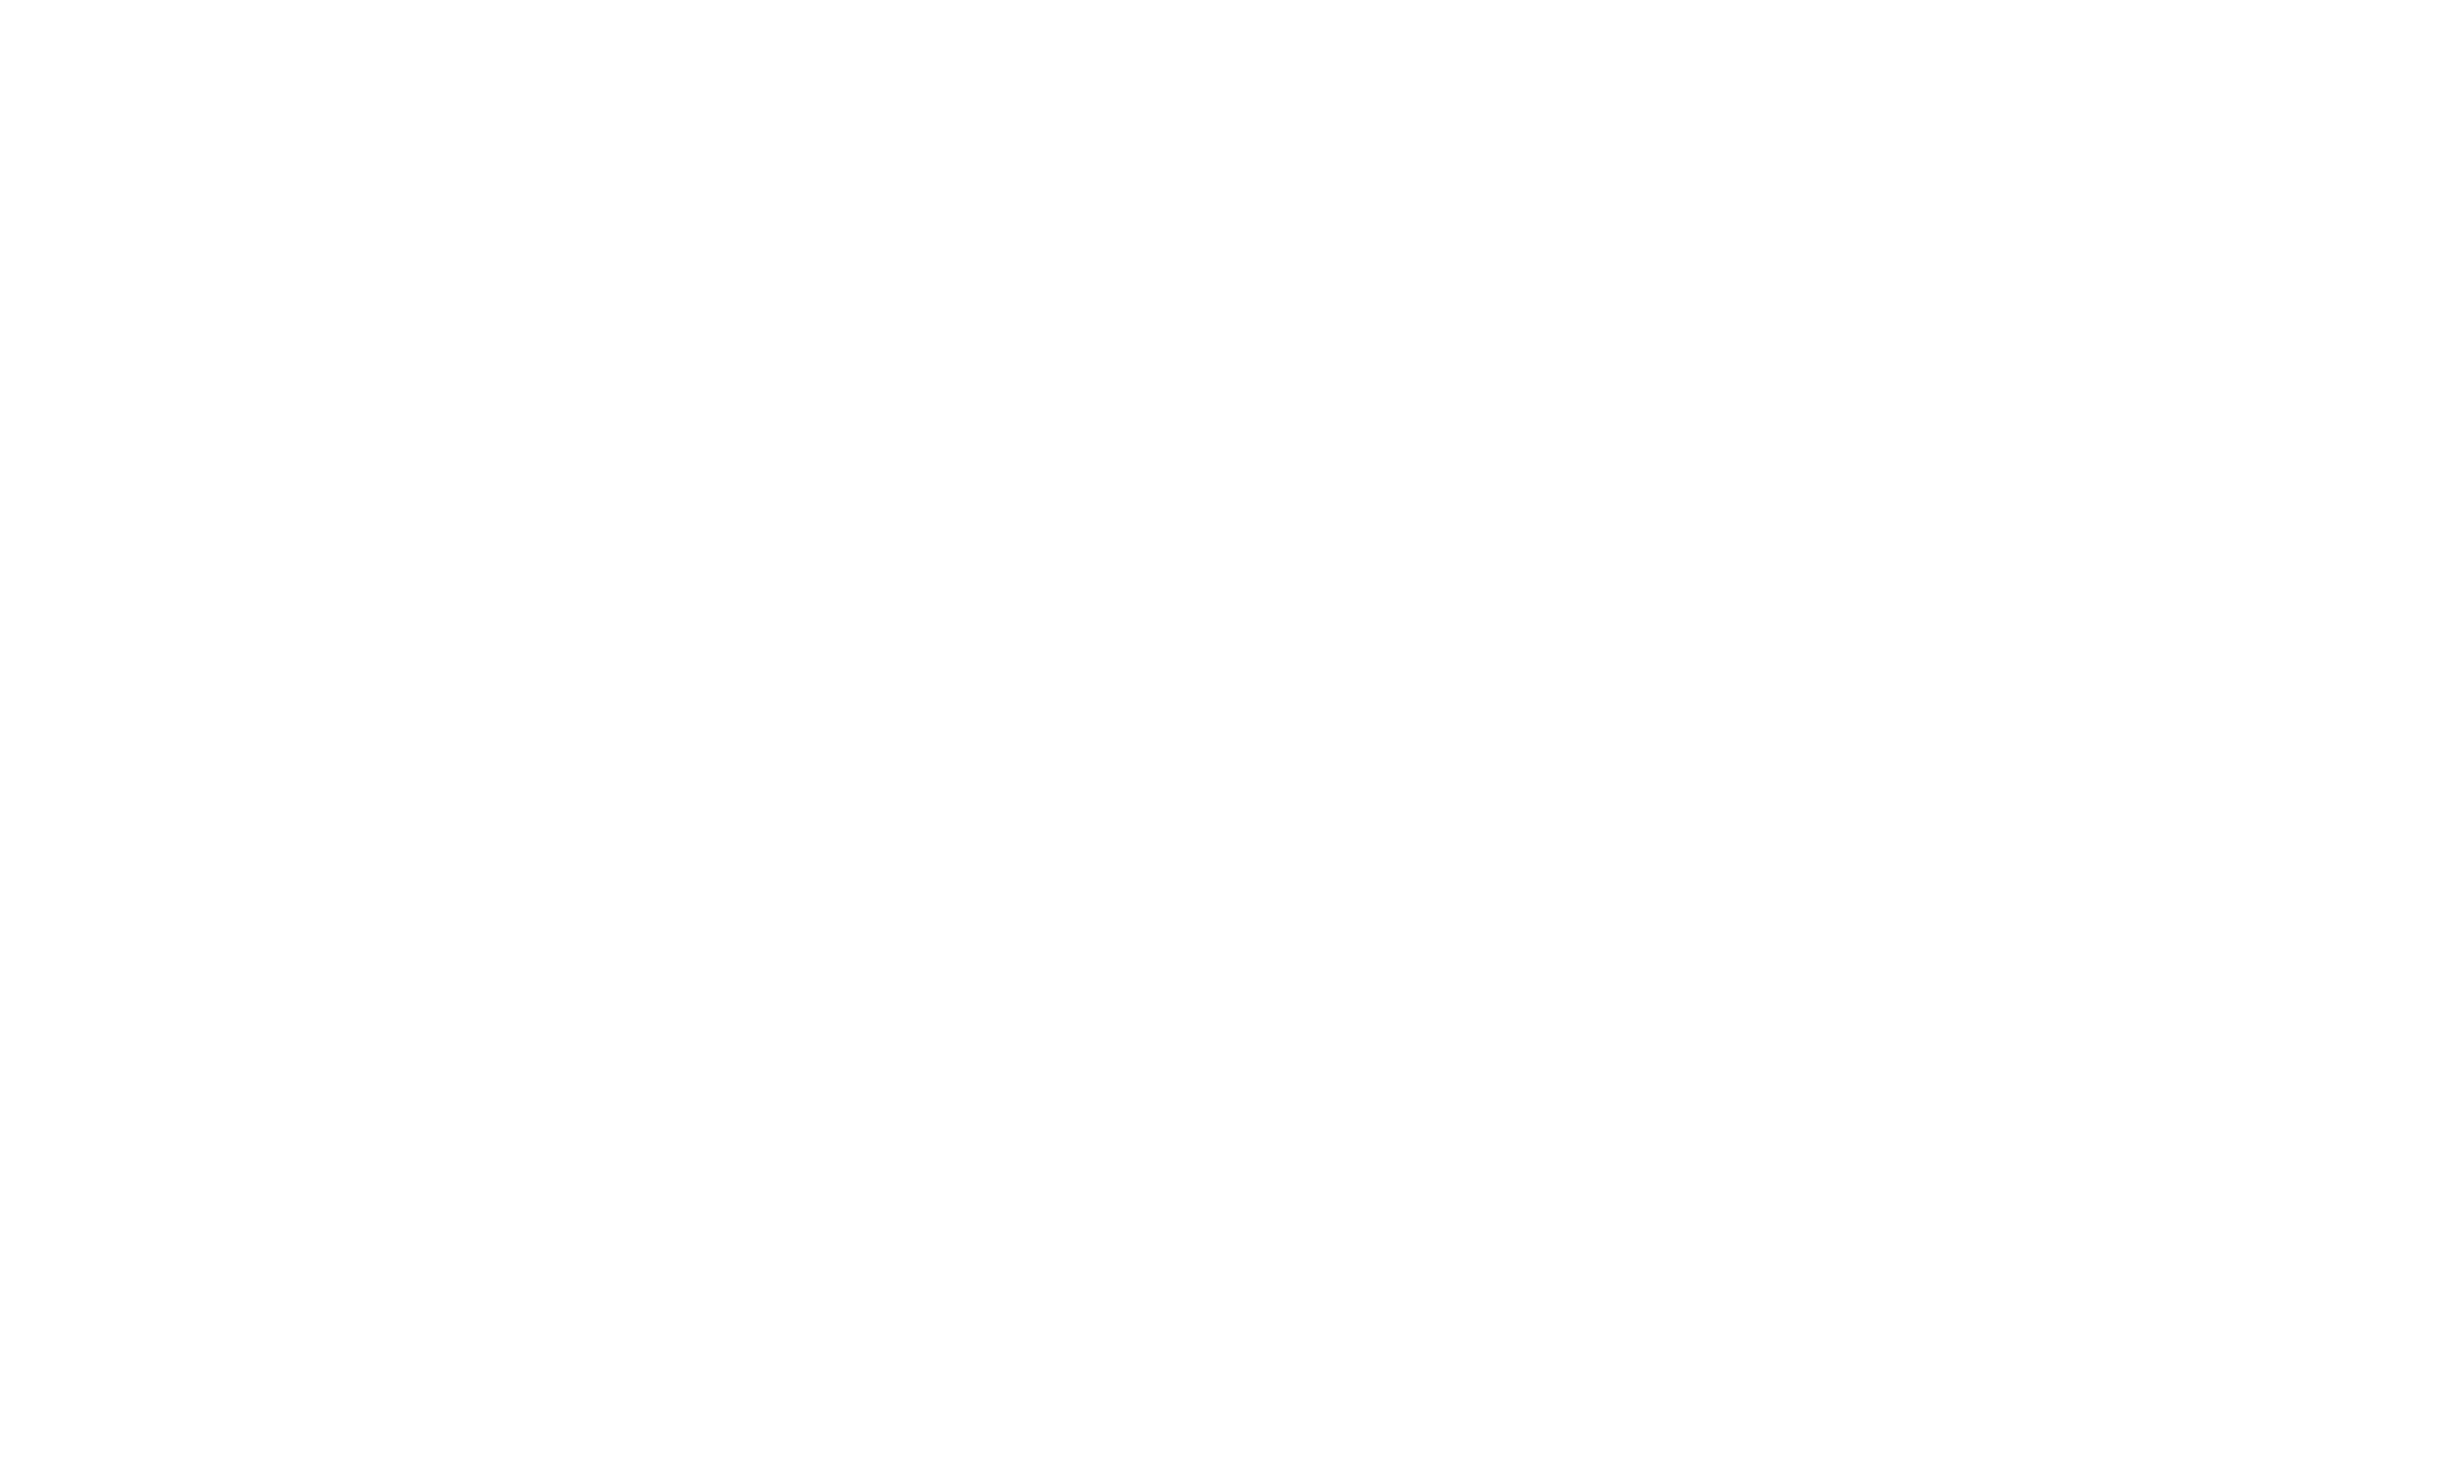 Föllmi + Sieber Architekten